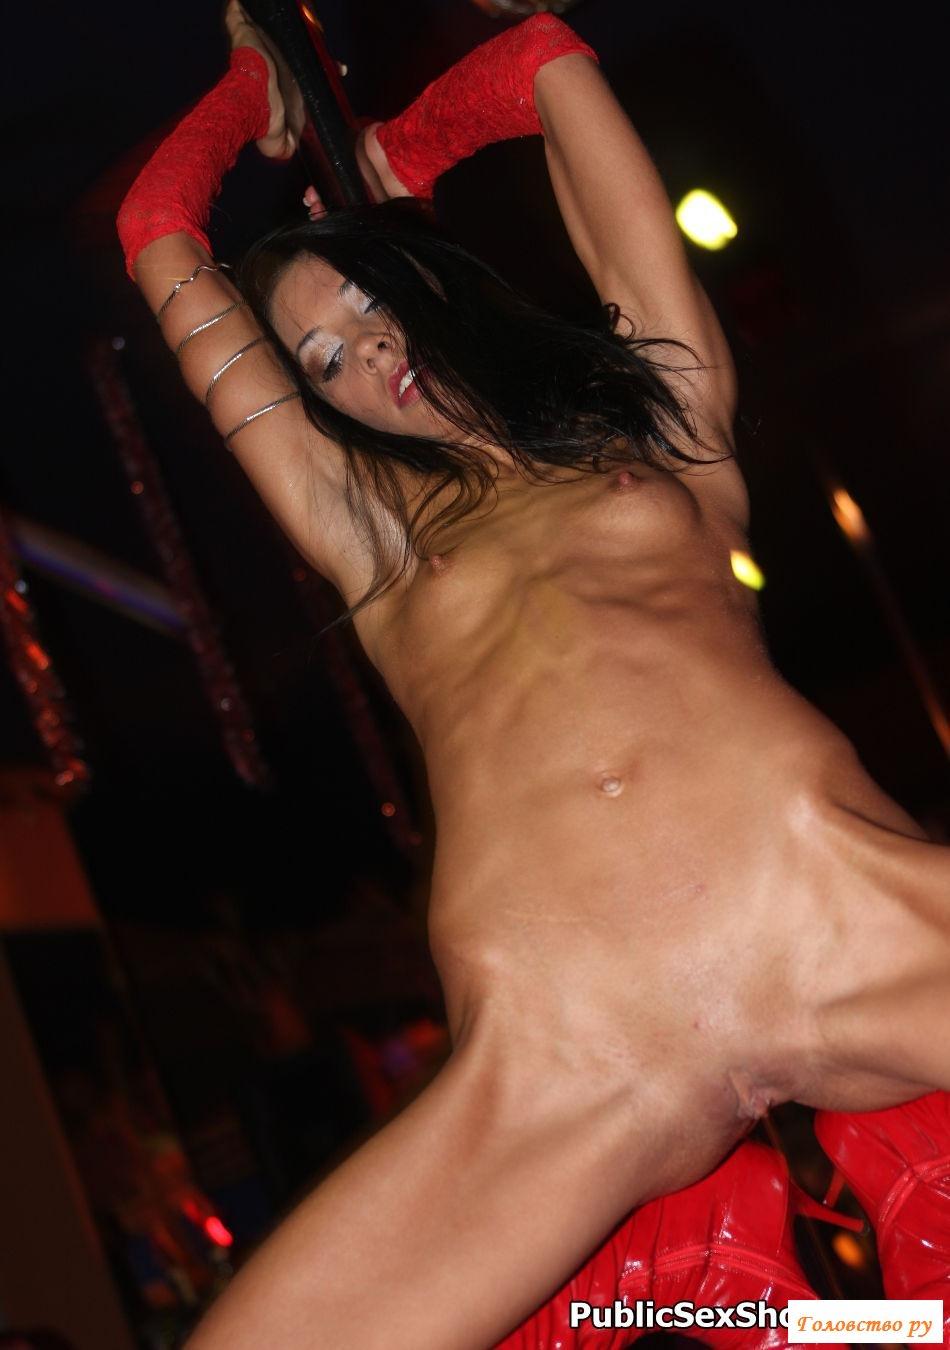 Видео стриптиз женский с грудью голой спросила играючим